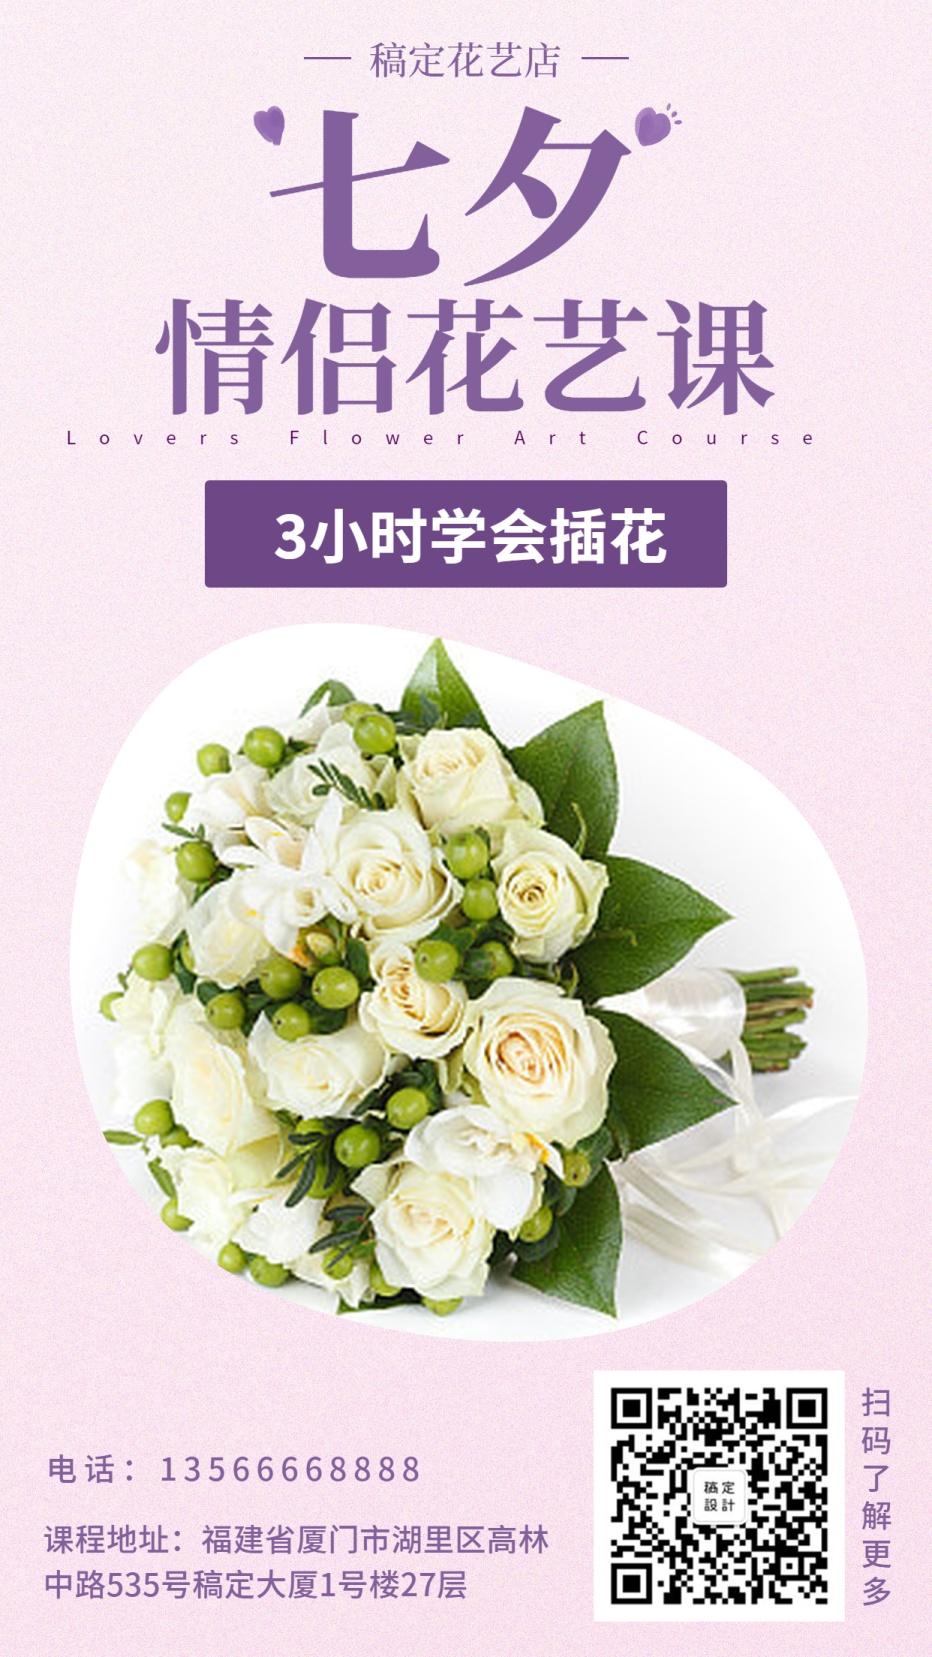 七夕情人节/花艺/促销活动/手机海报